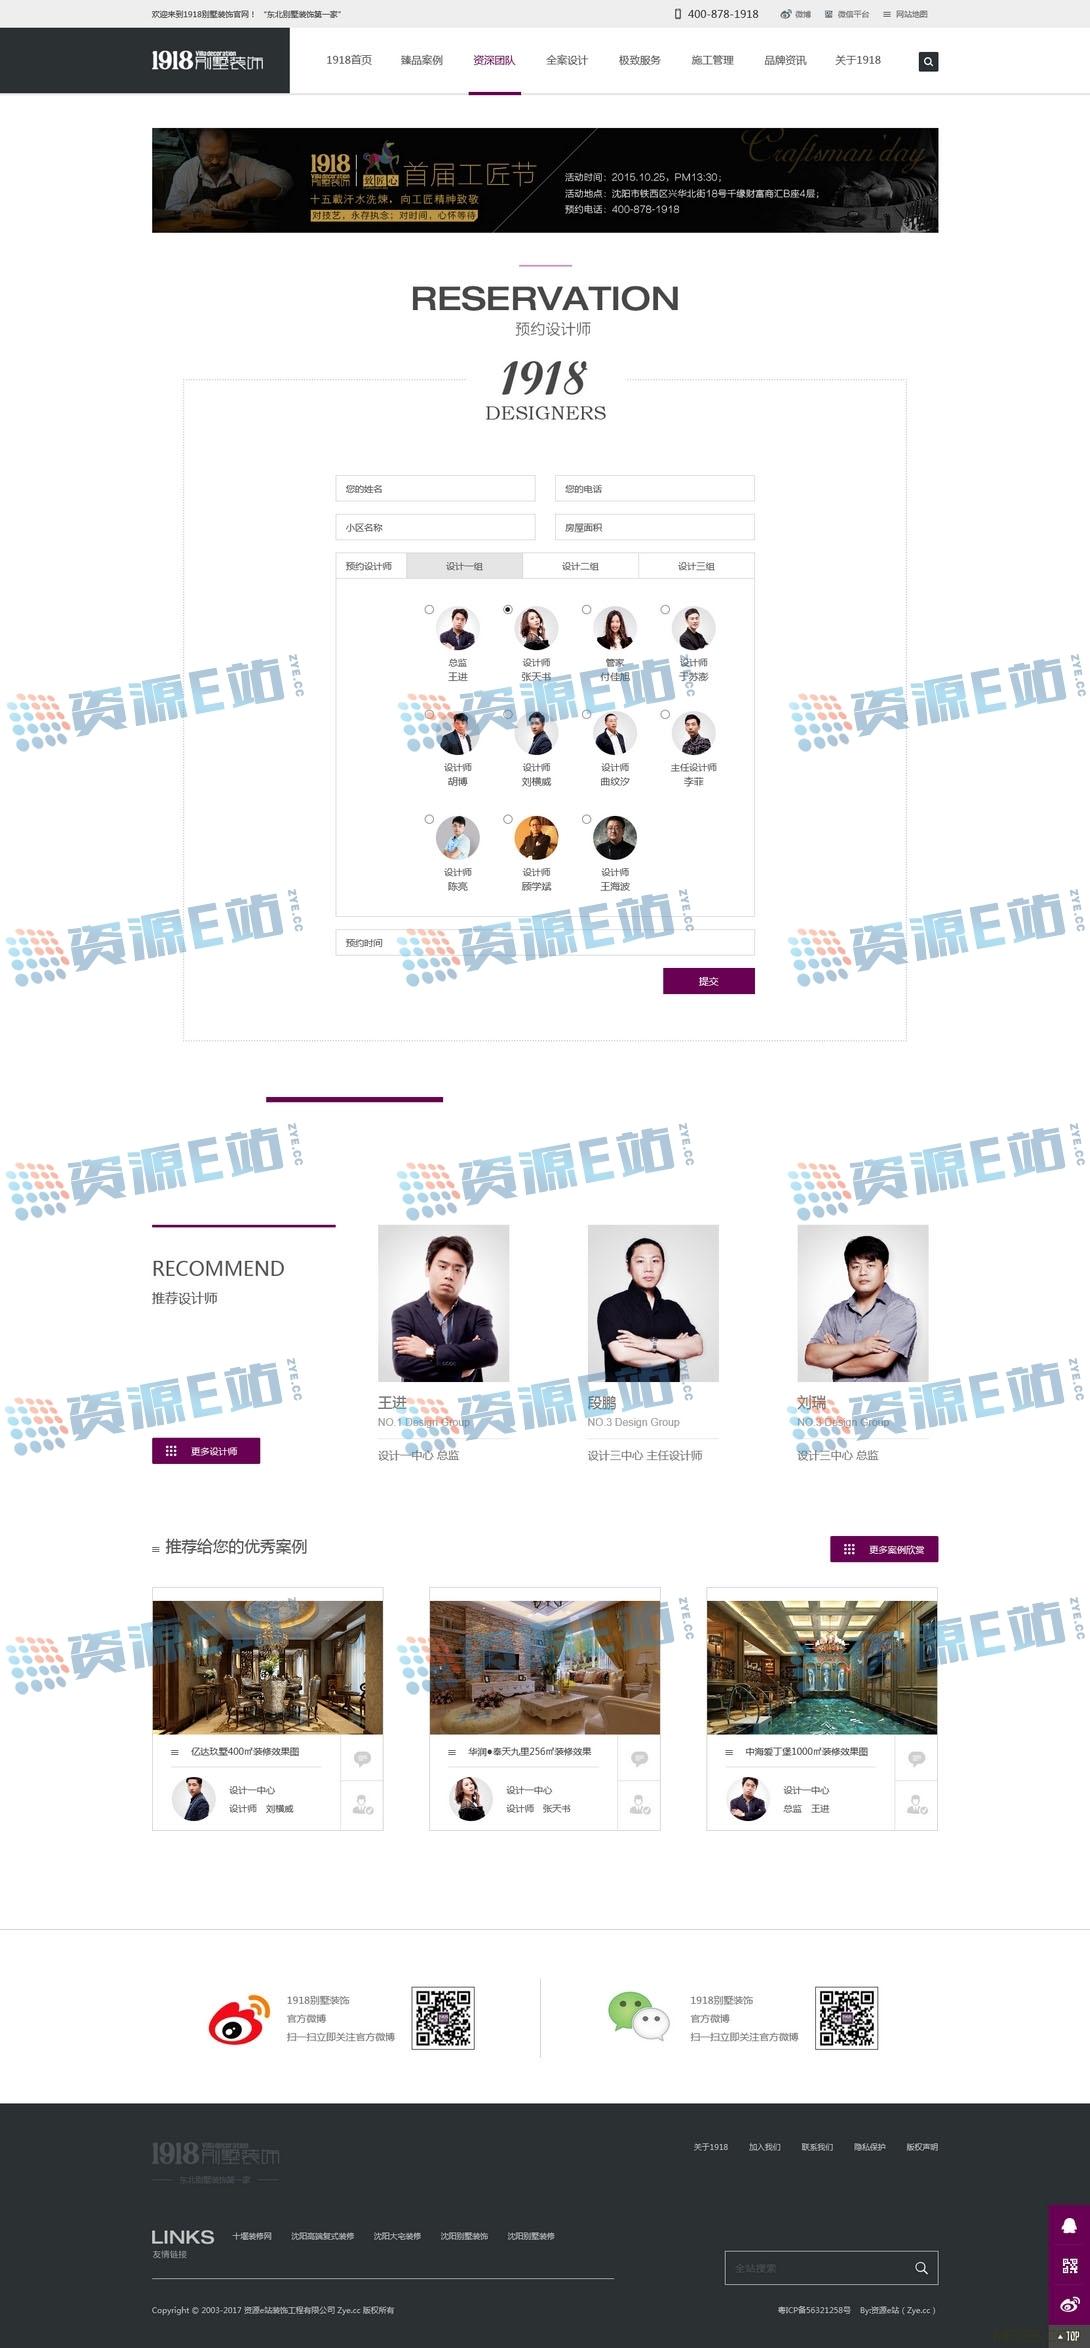 全网首发-精品装修装饰公司整站源码+WAP漂亮手机端 - 第2张   资源e站(Zye.cc)